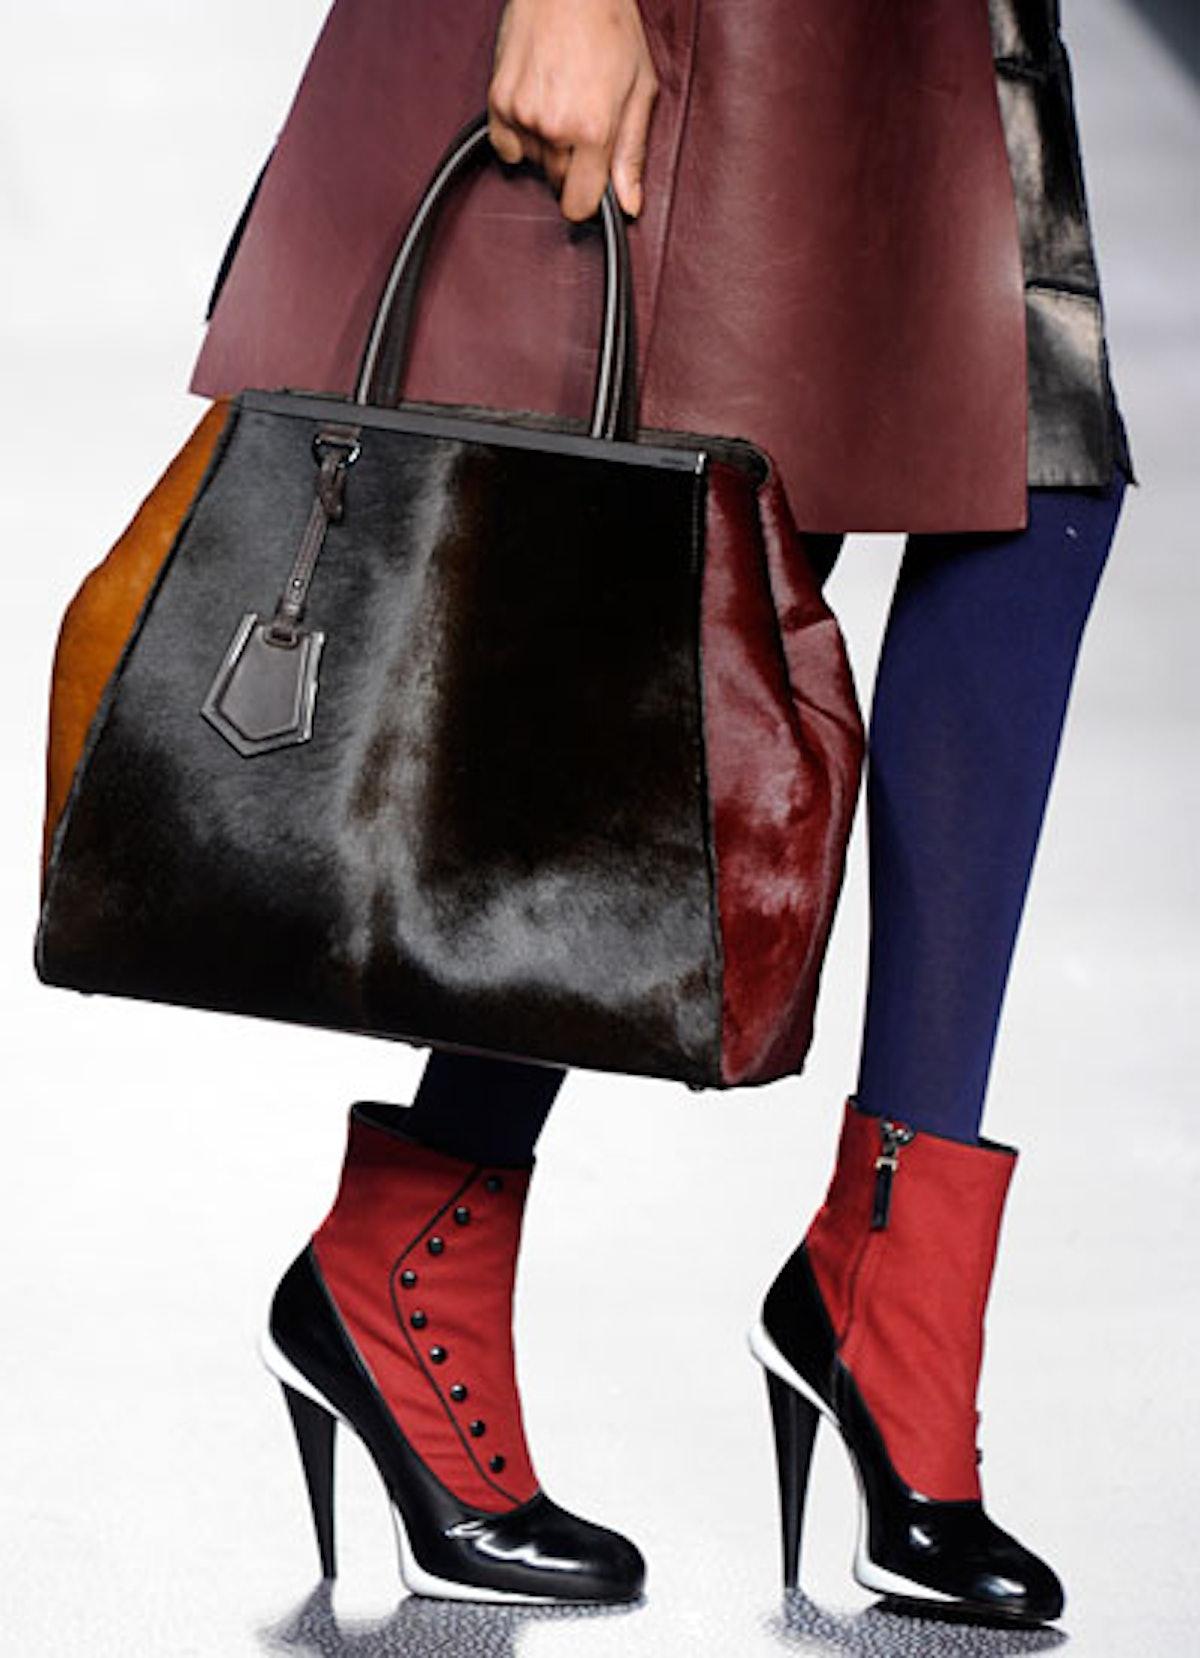 acss-milan-handbags-03-v.jpg